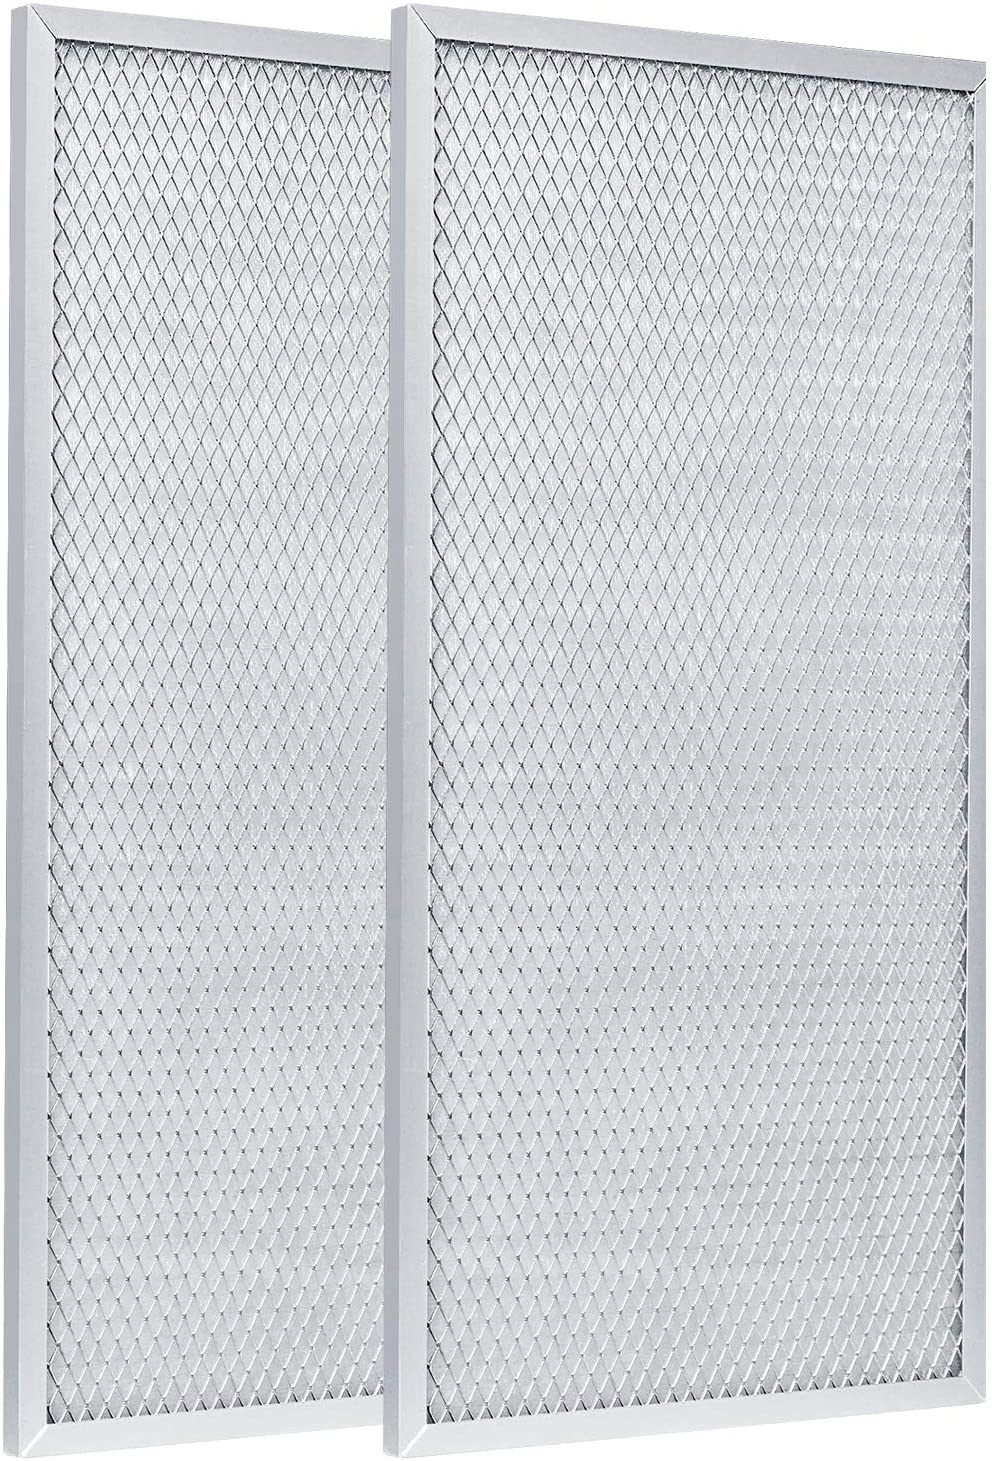 지하실 제습기 SENTINEL HD55 용 ALORAIR2 팩 MERV-8 필터 교체 세트